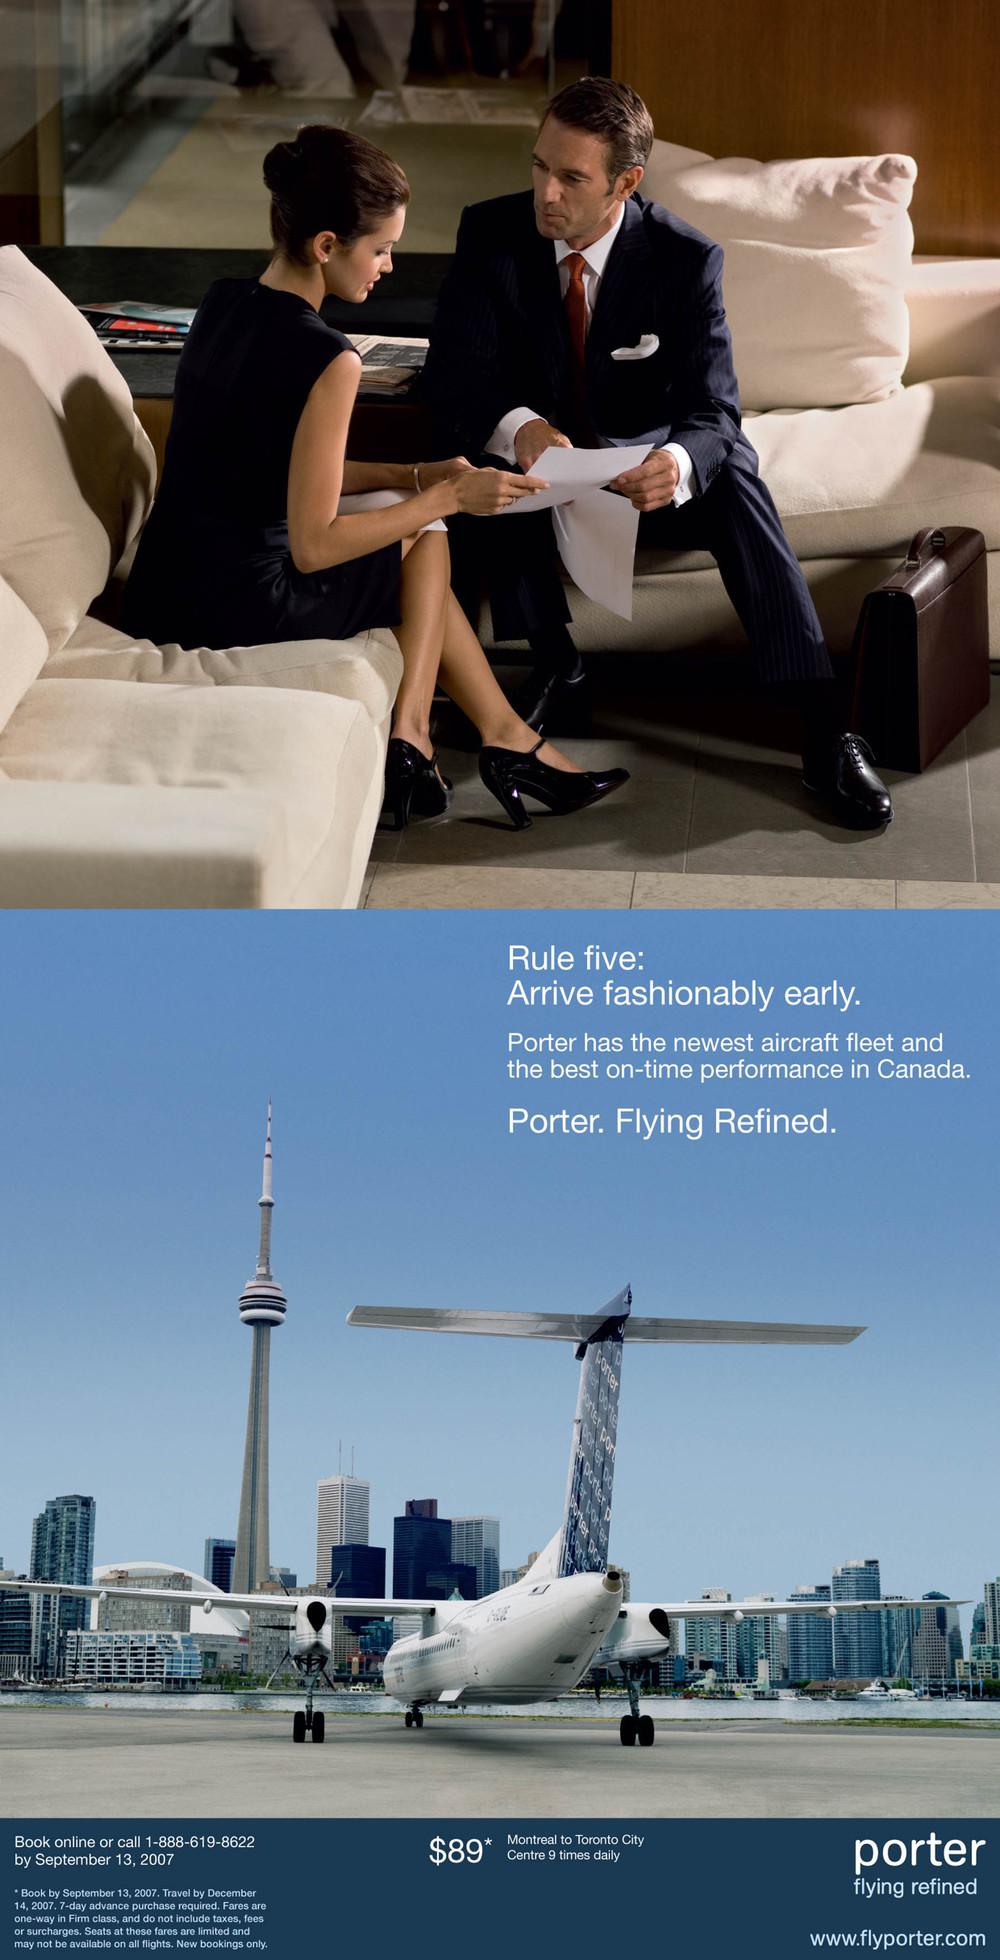 stuart-daly-porter-airlines-4.jpg